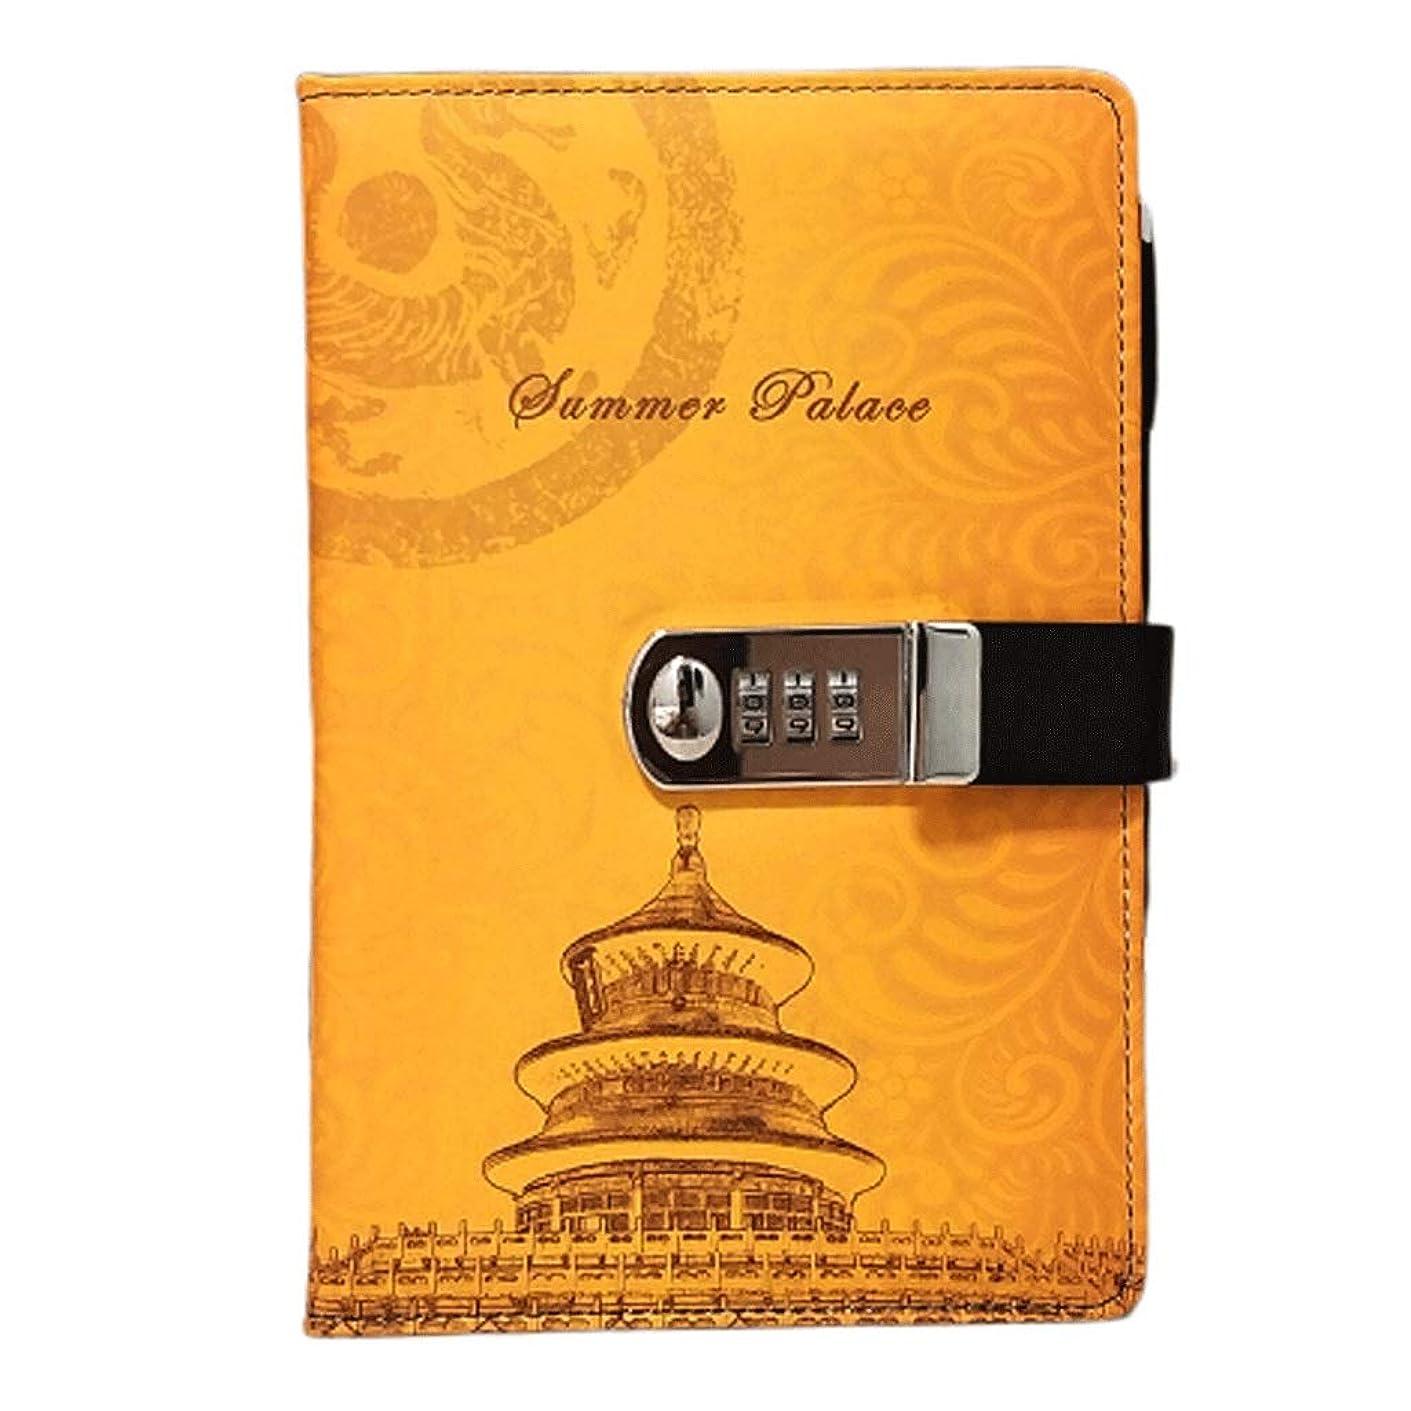 ケージペググリーンバッククラシックノート ヴィンテージジャーナルイエローレザー日記メモ帳とパスワードコードロックオフィス学校文具用品ギフト ミニメモ帳 (Color : Yellow)